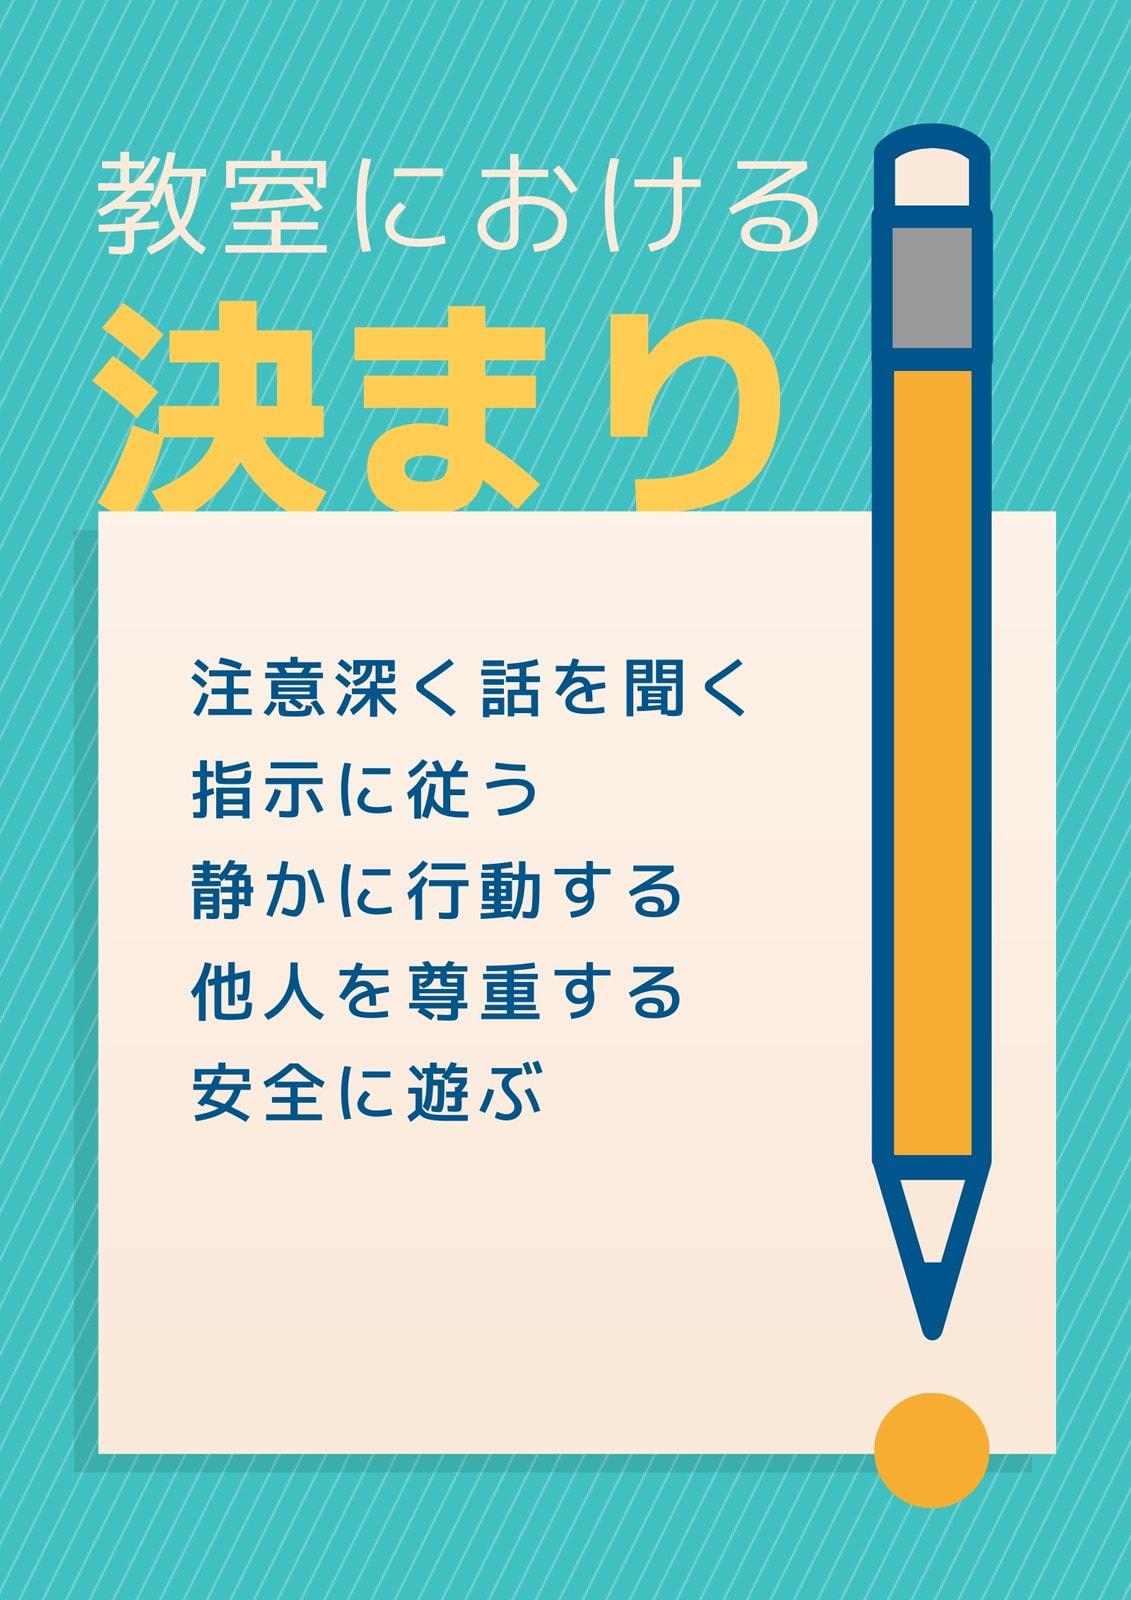 教室のルールポスター